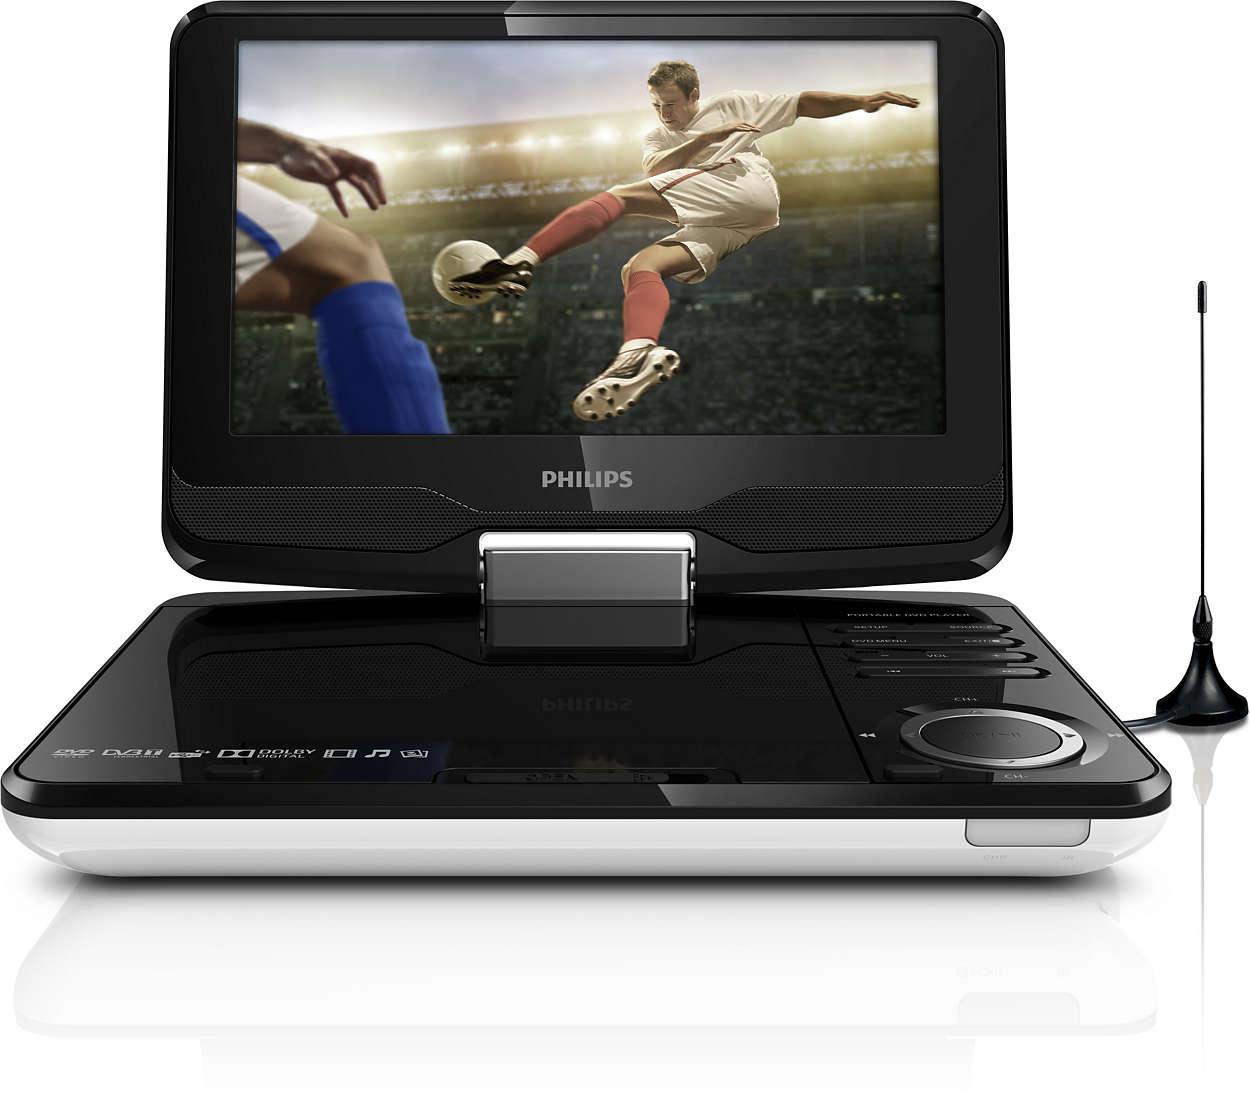 Nézze kedvenc HD TV*-programjait és DVD-it bárhol